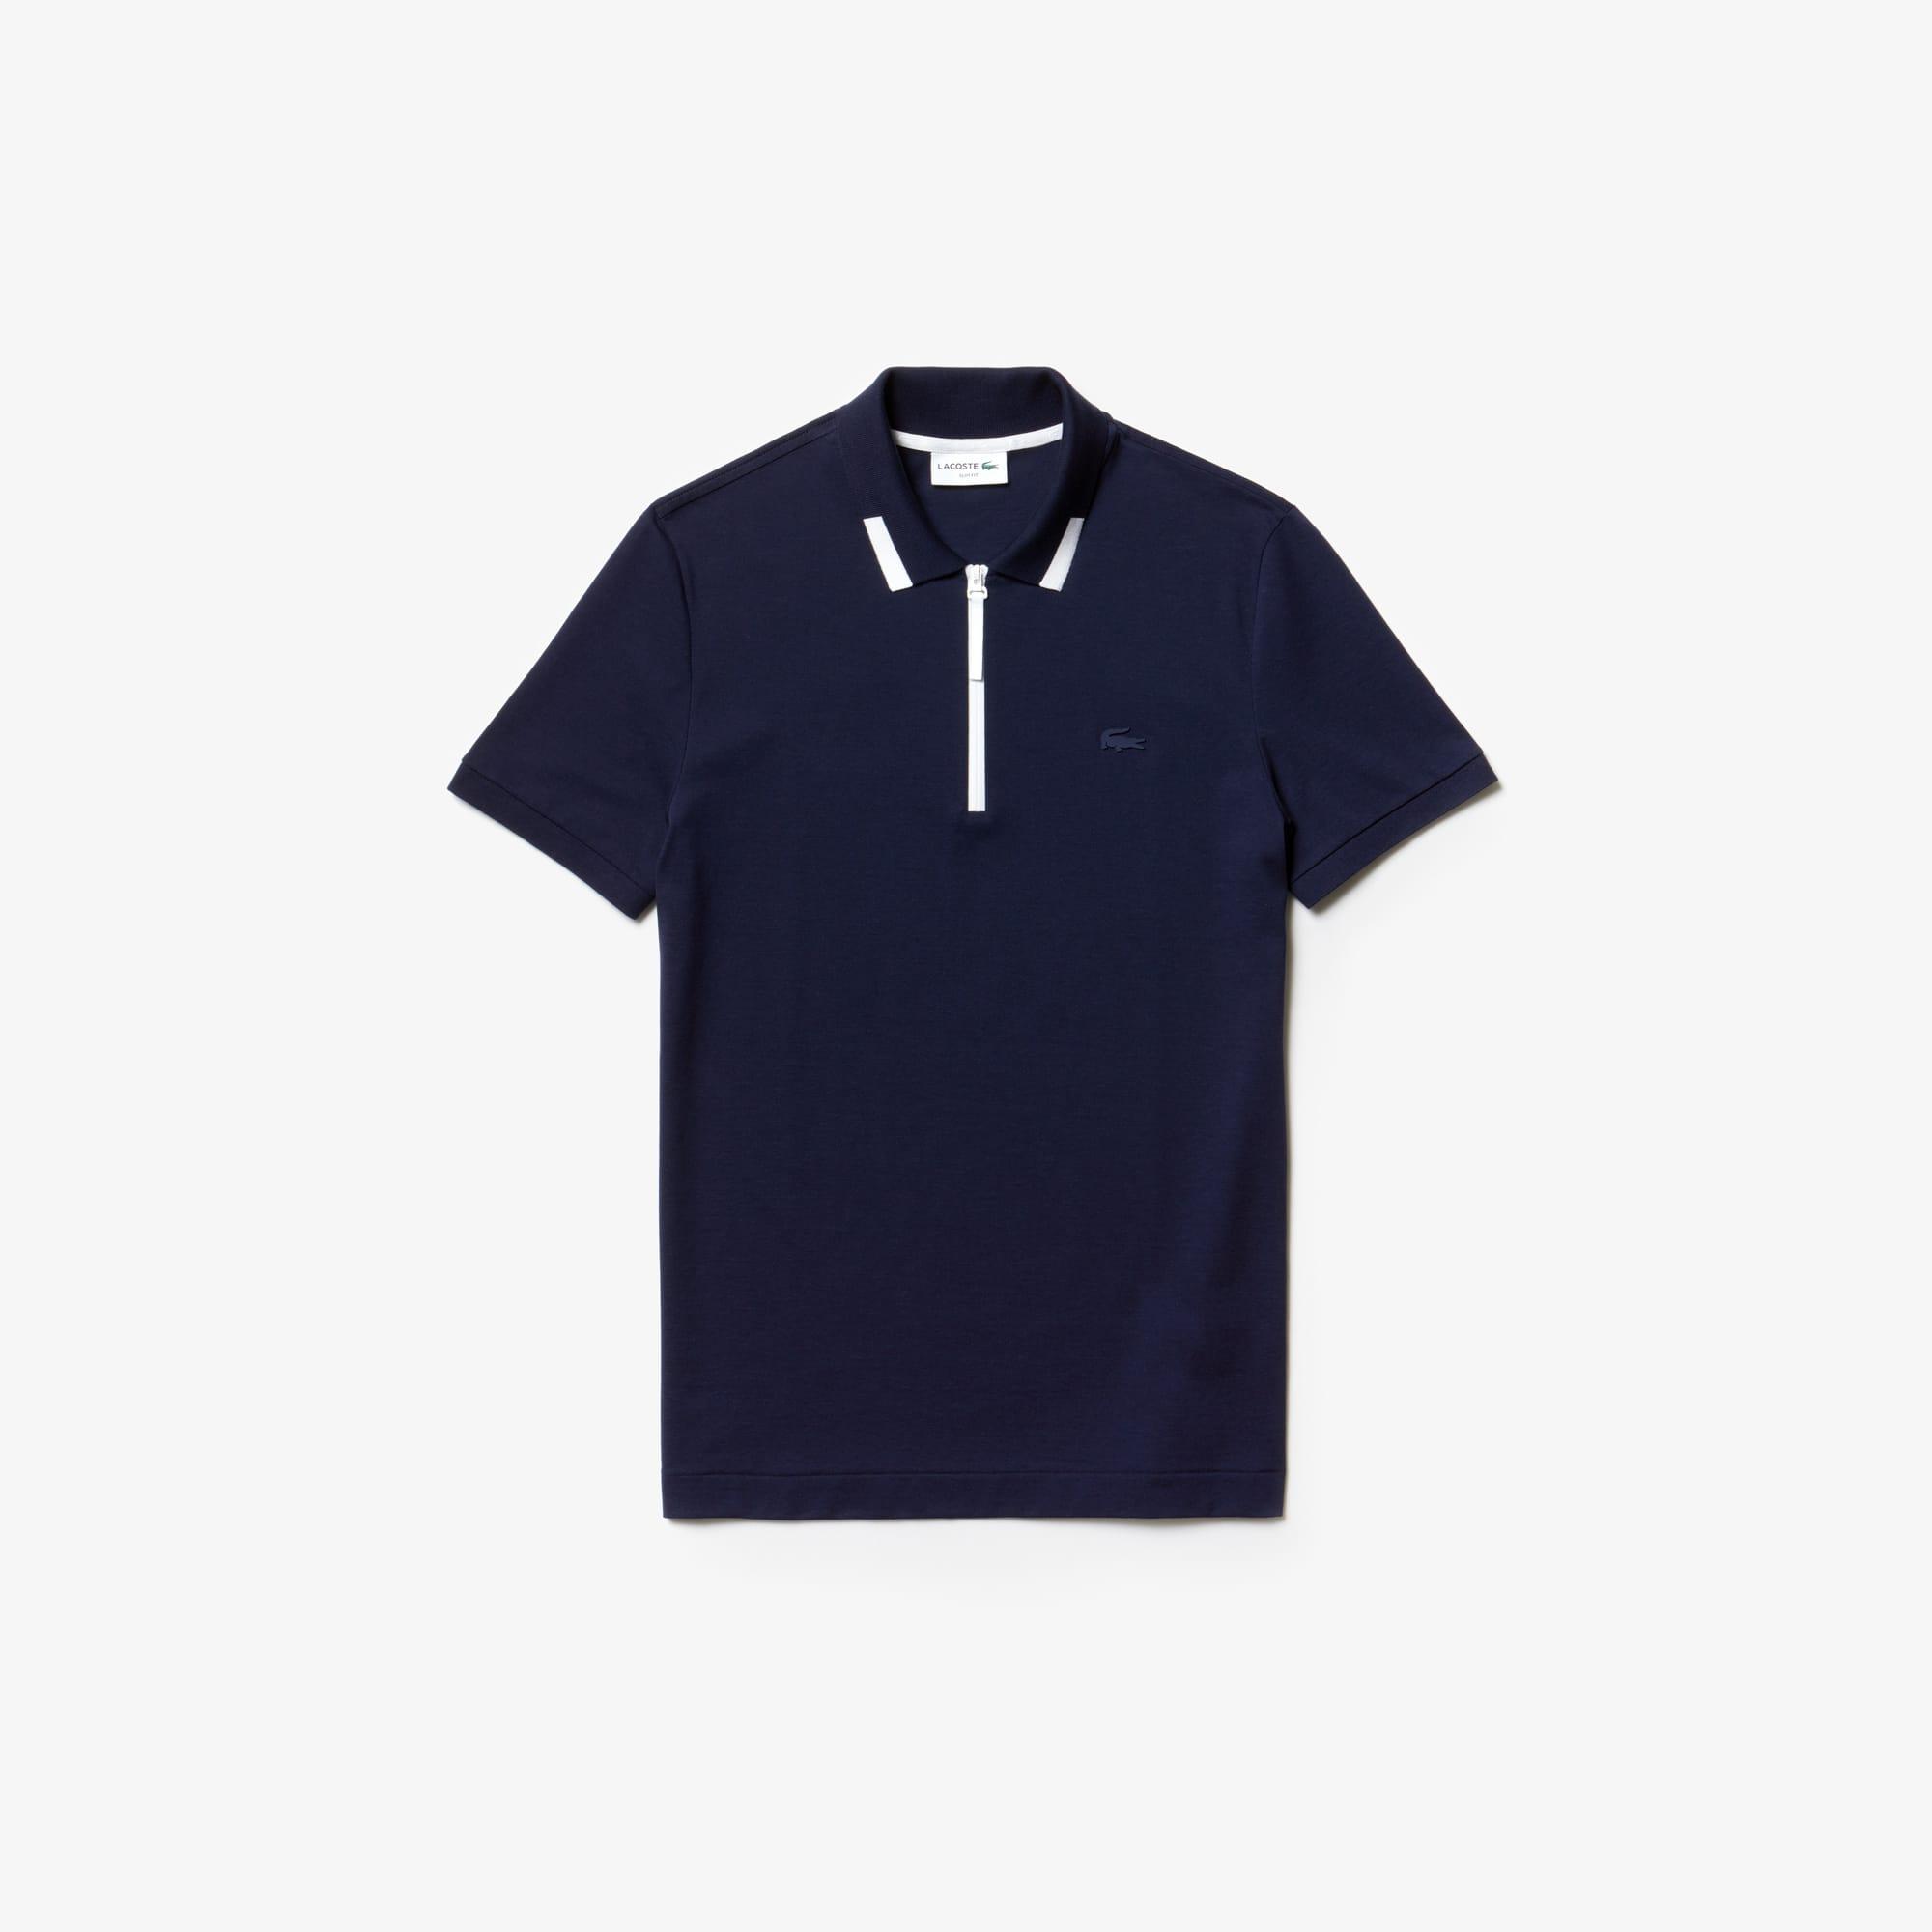 Herren-Poloshirt aus Baumwoll-Piqué in Slim Fit LACOSTE MOTION 4c282def2d